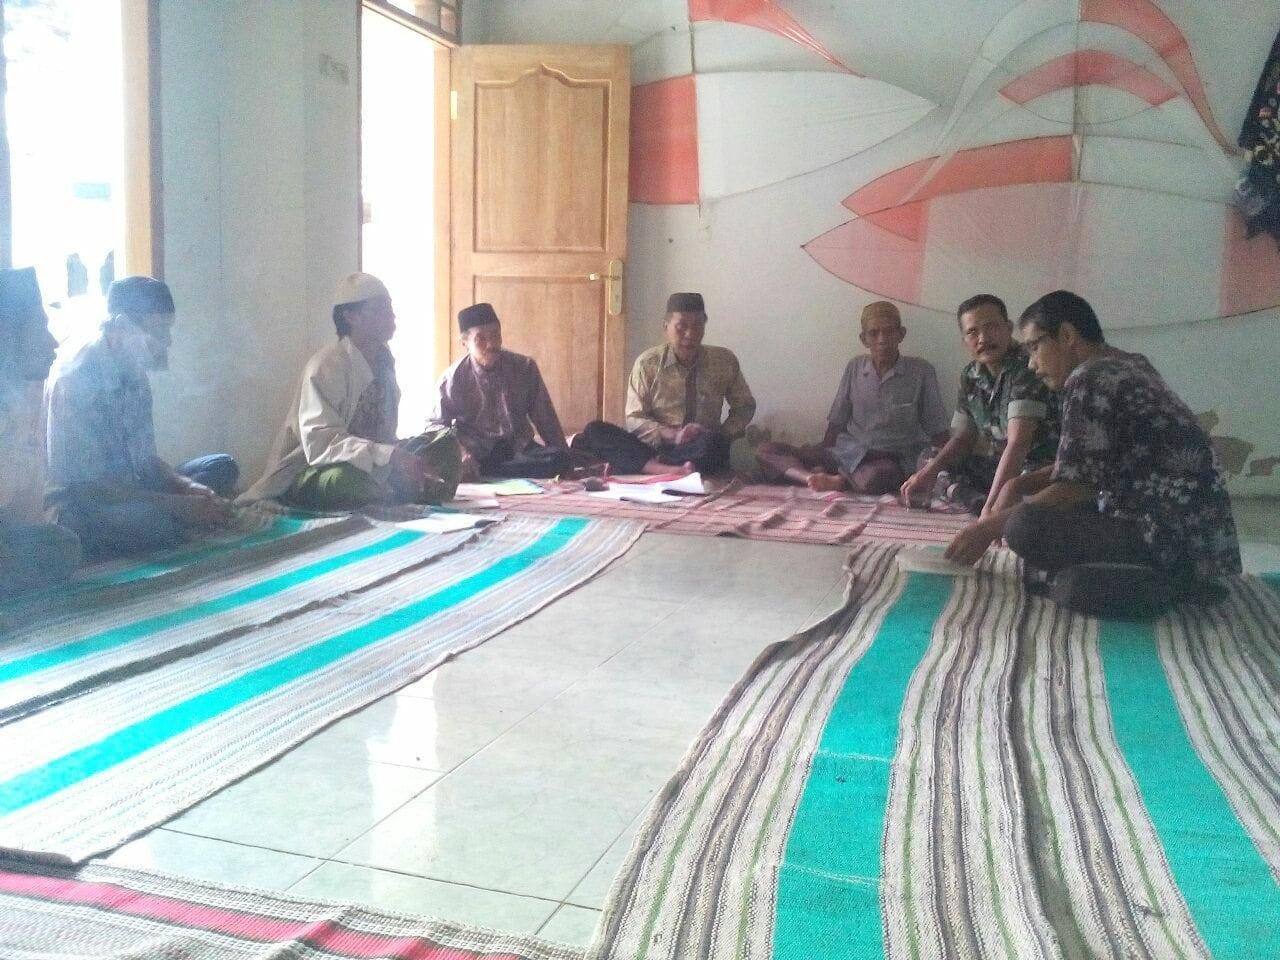 Babinsa Bersama PPL Kecamatan Kota Bangkalan, Sosialisasikan Penenaman Kedelai